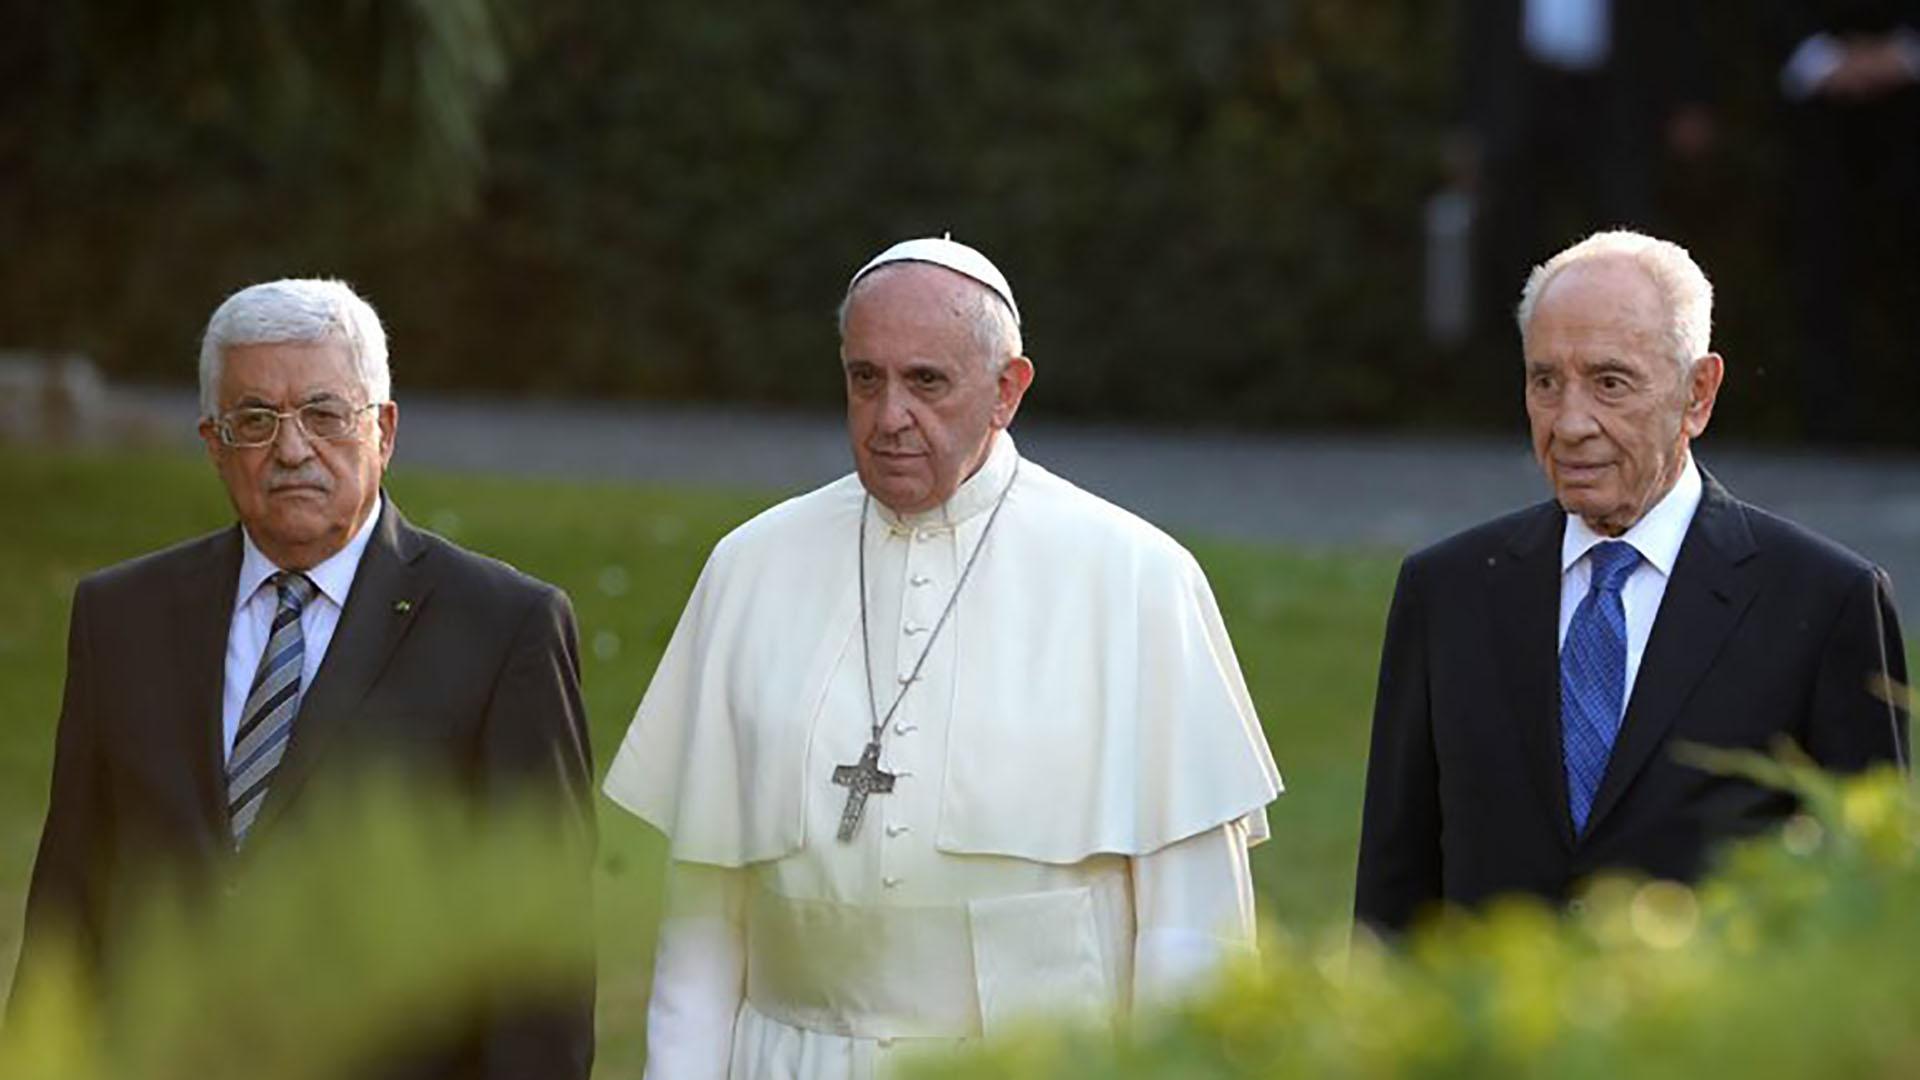 8 de junio de 2014: histórico encuentro del papa Francisco con Shimon Peres y Mahmud Abbas. El Sumo Pontífice recibió al presidente israelí y al líder palestino en Santa Marta, en el Vaticano